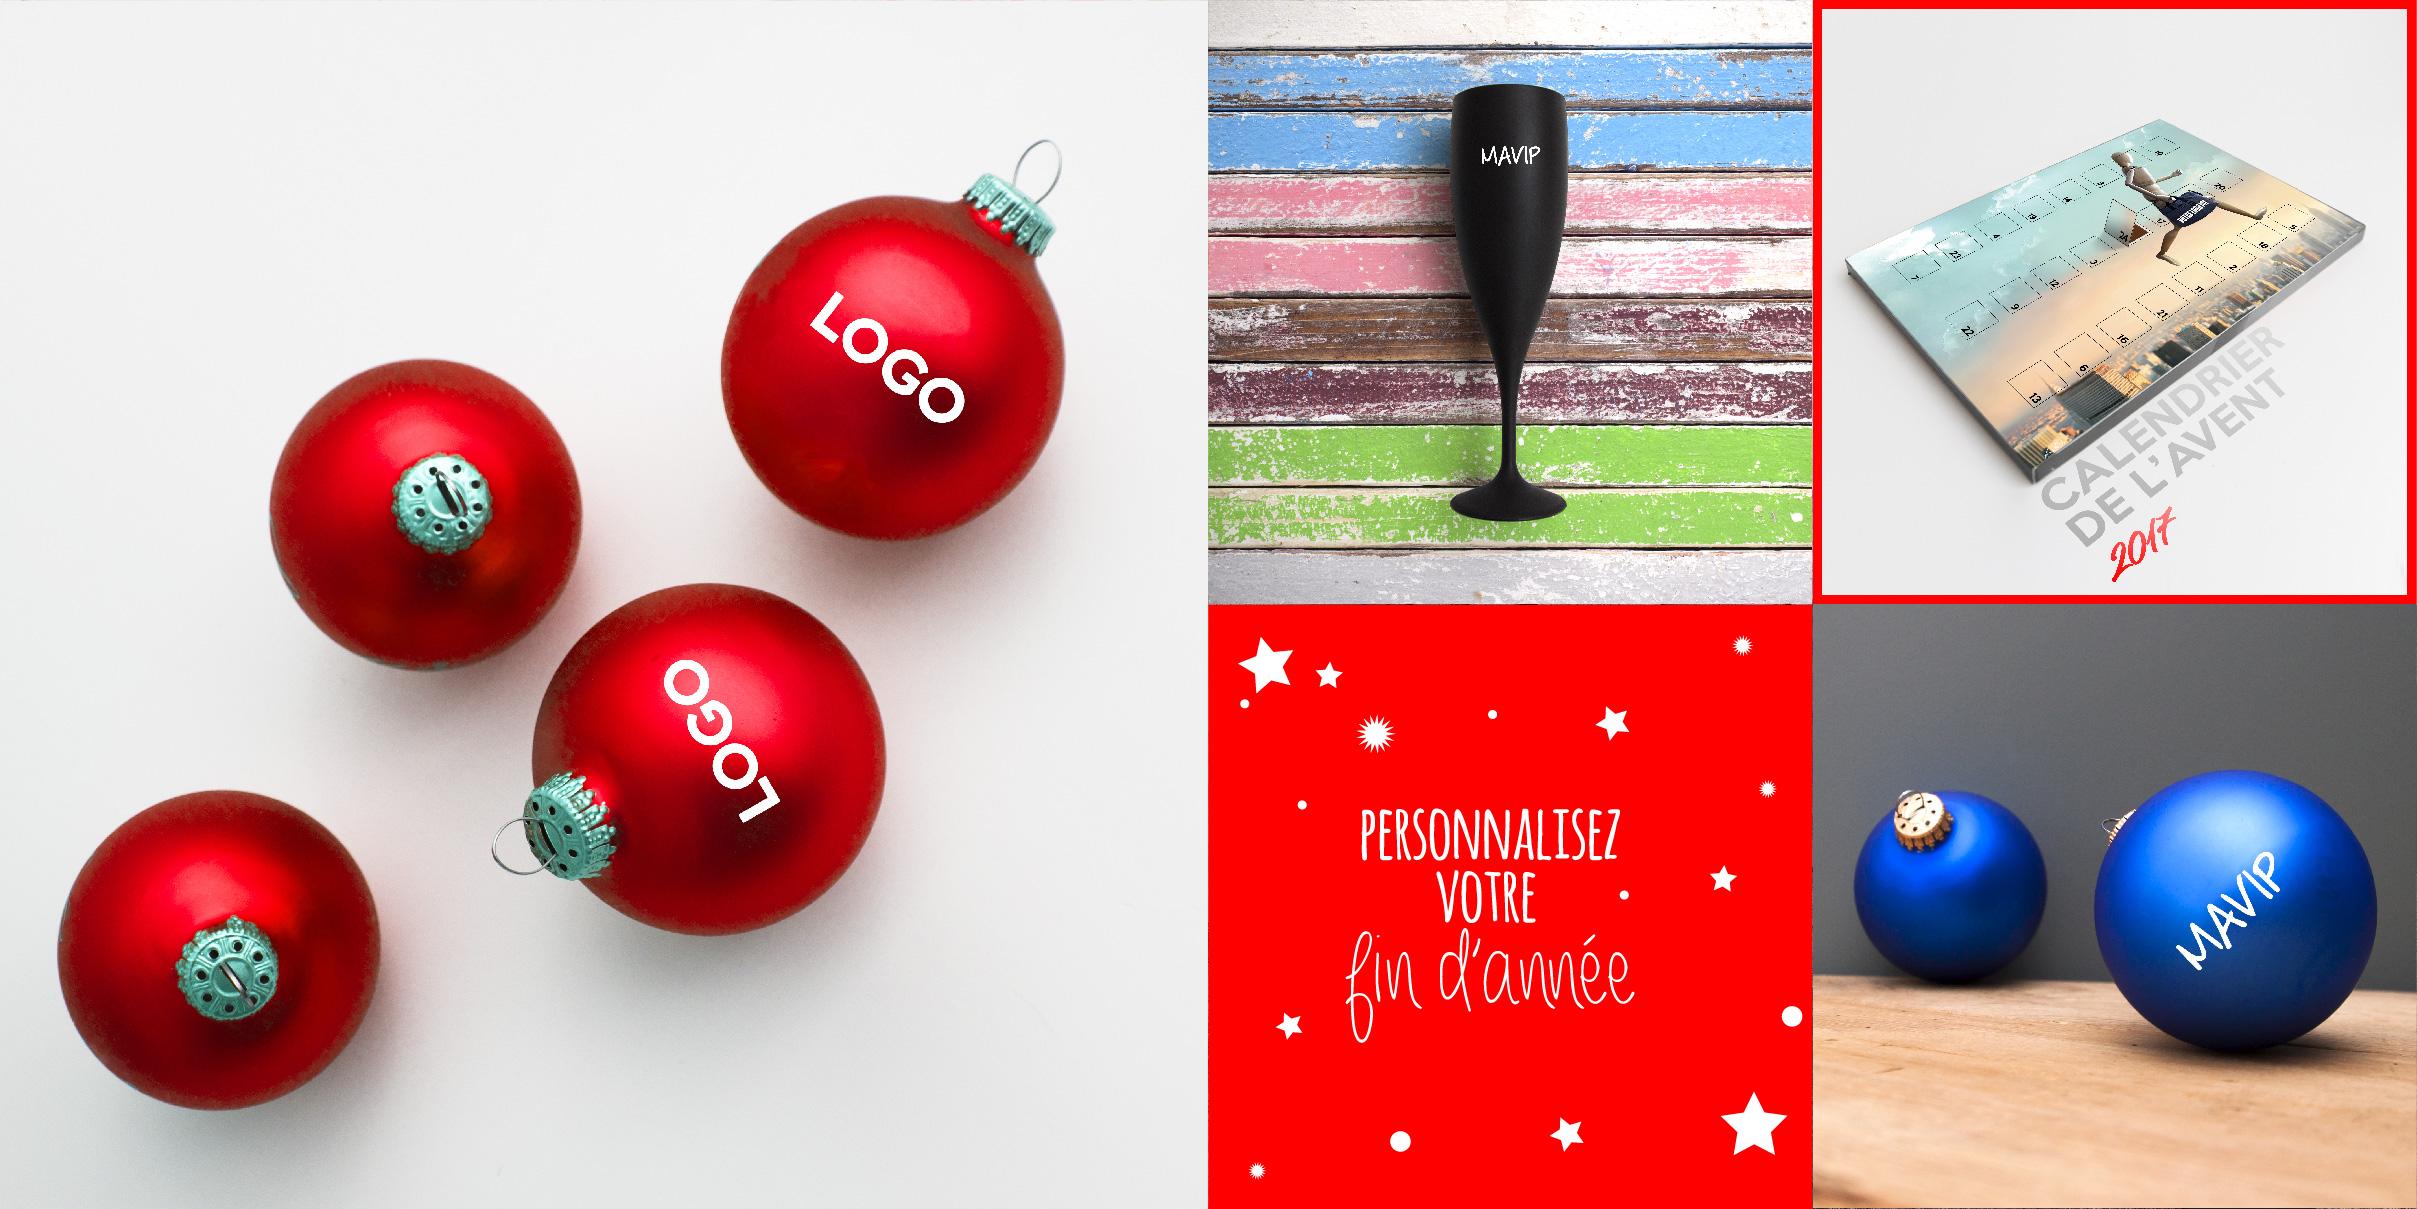 les goodies de fin d'année personnalisables avec logo noêl